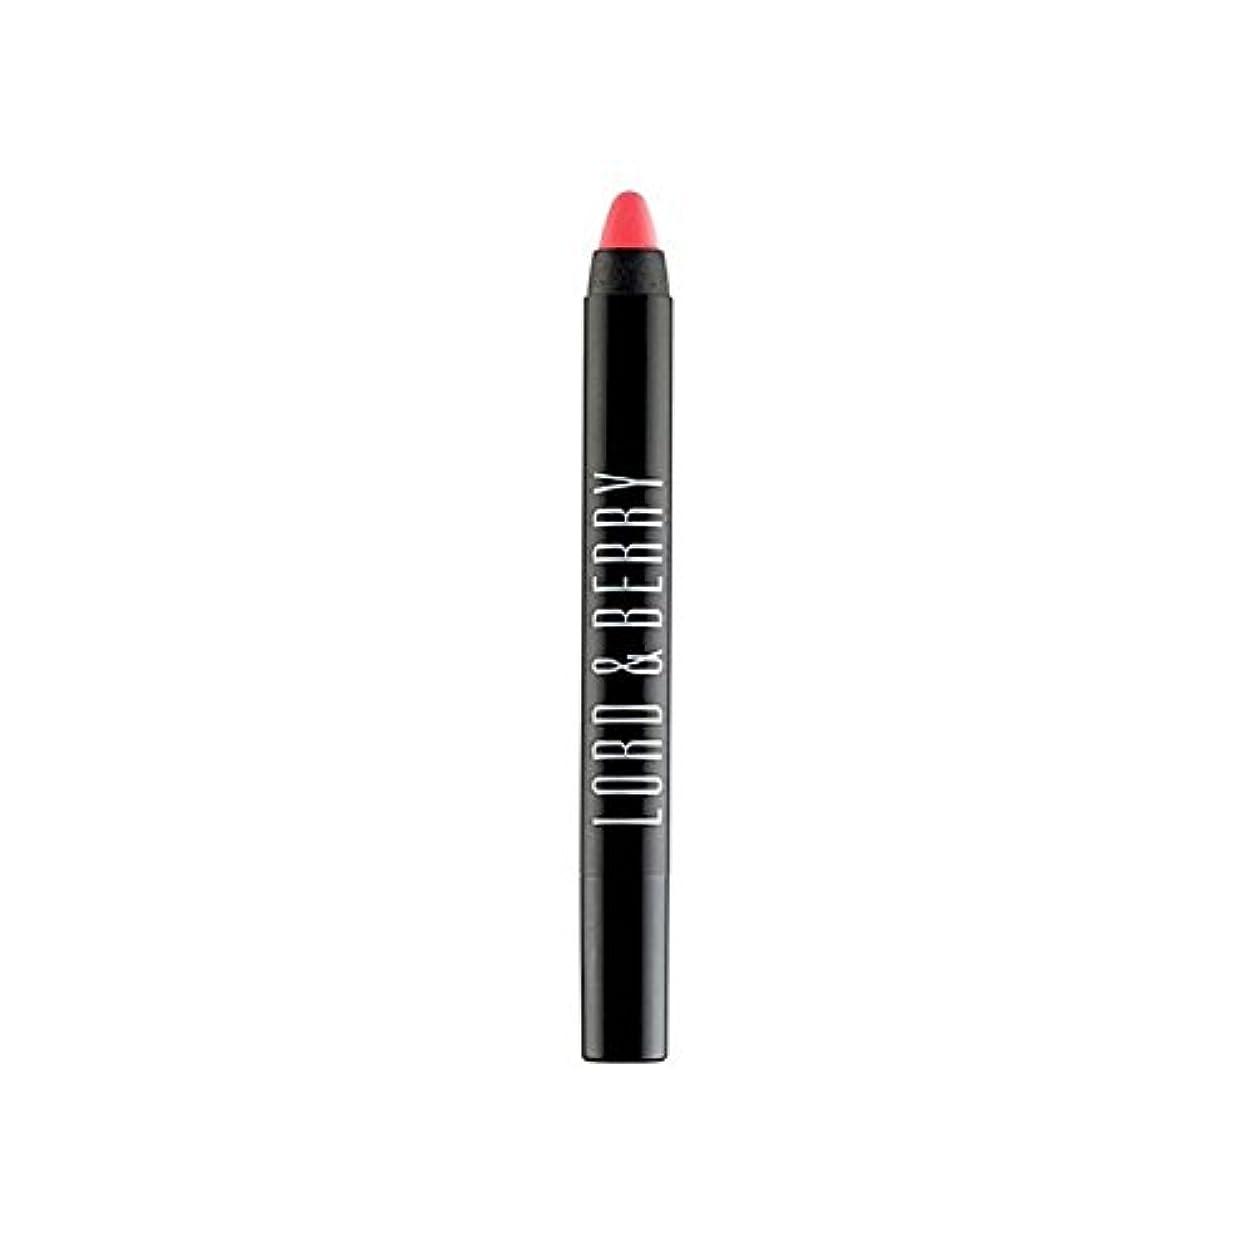 製造アフリカロック領主&ベリー20100マット口紅クレヨン x4 - Lord & Berry 20100 Matte Lipstick Crayon (Pack of 4) [並行輸入品]